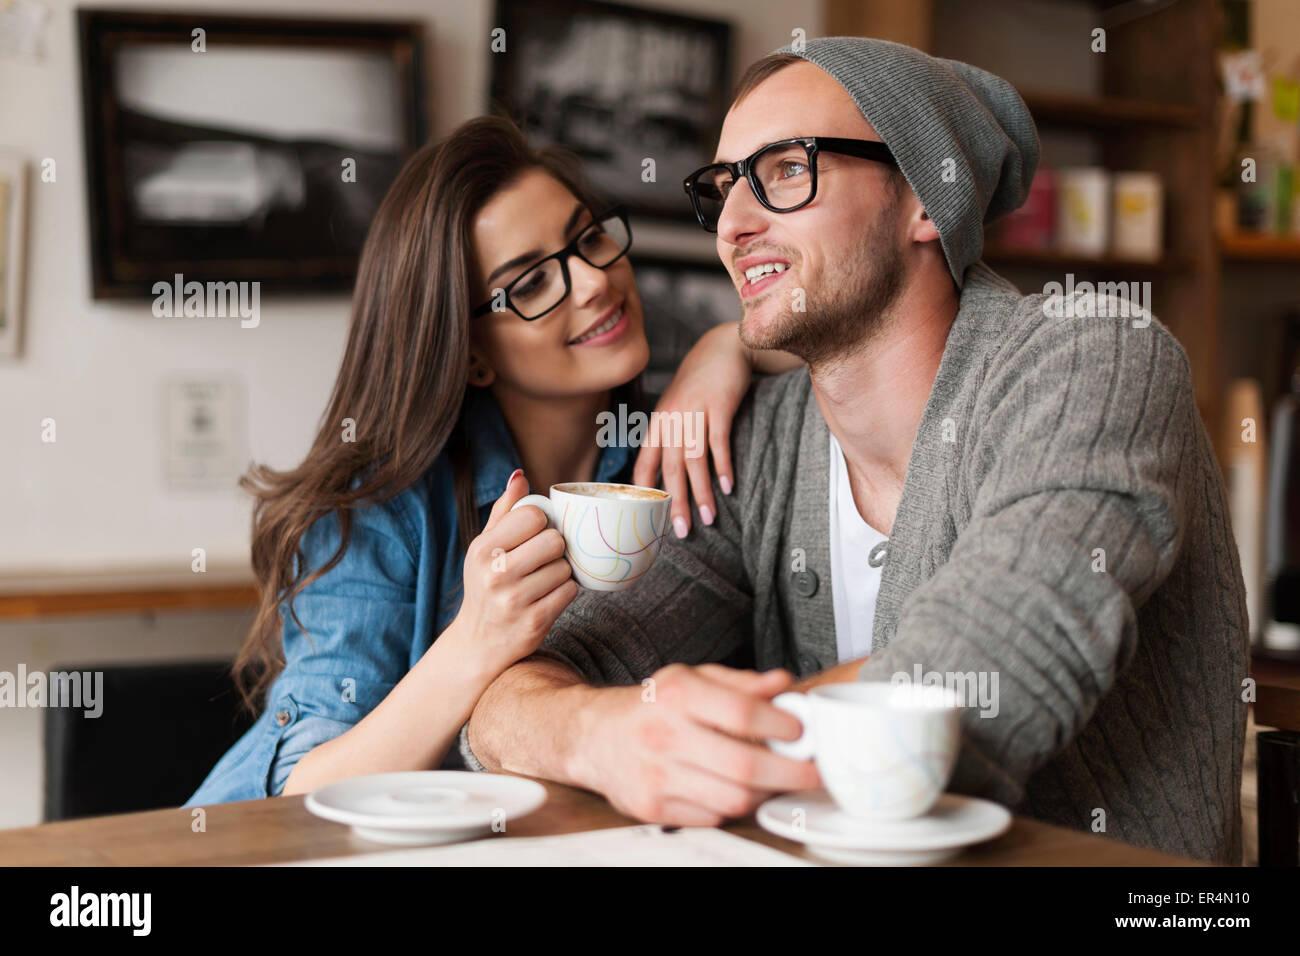 Heureux l'homme et de la femme dans le café. Cracovie, Pologne Photo Stock